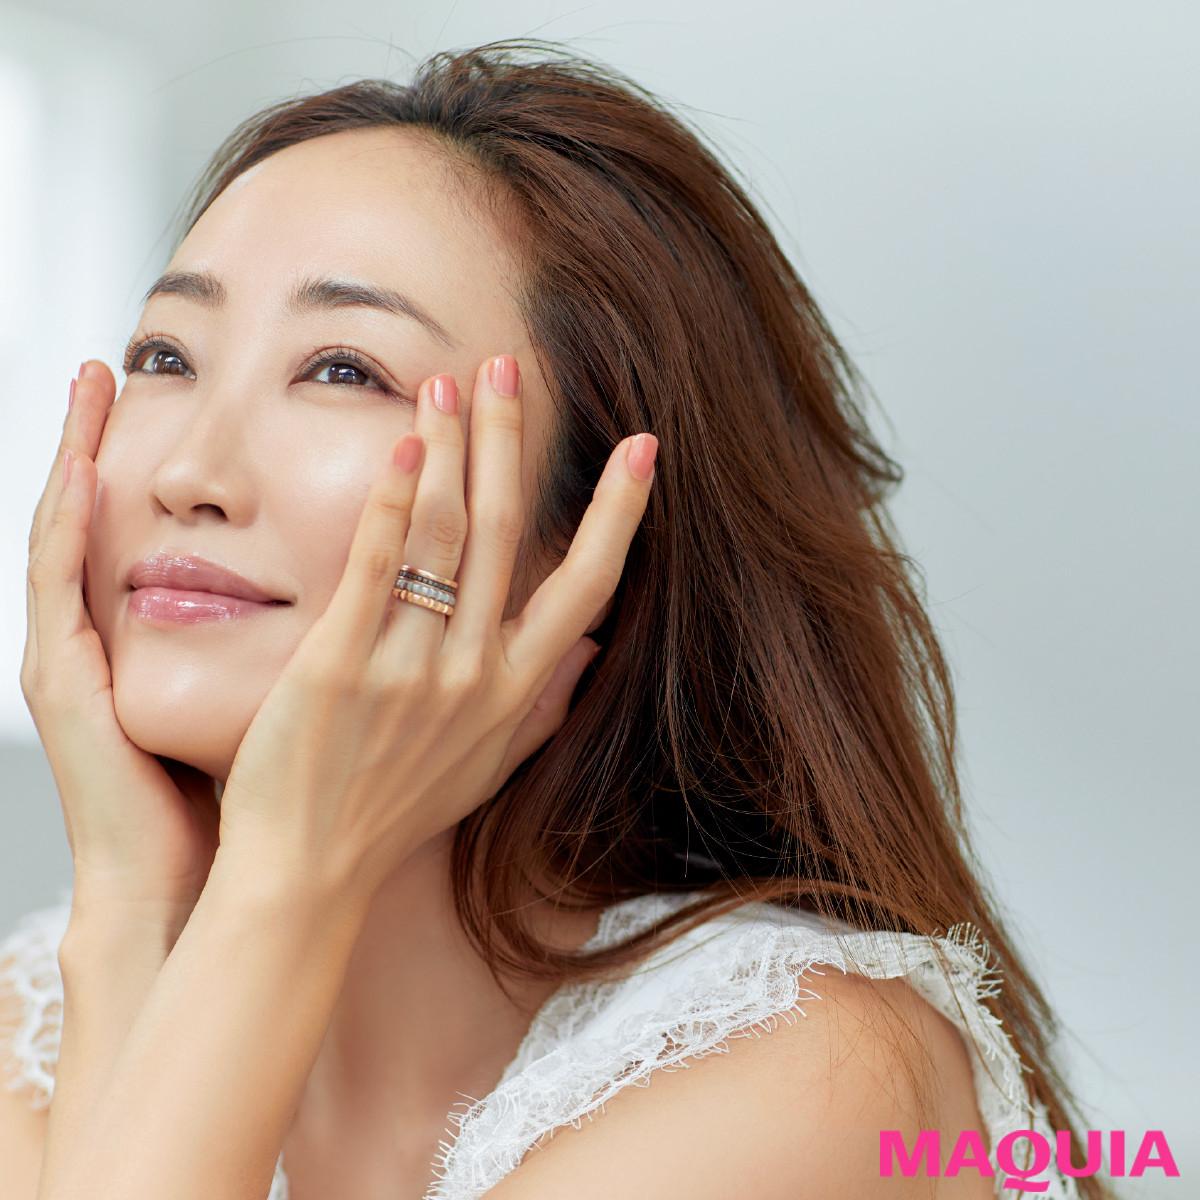 ALL神崎 恵さん愛用! ¥1400〜の幸せ肌をもたらすスキンケアを大公開